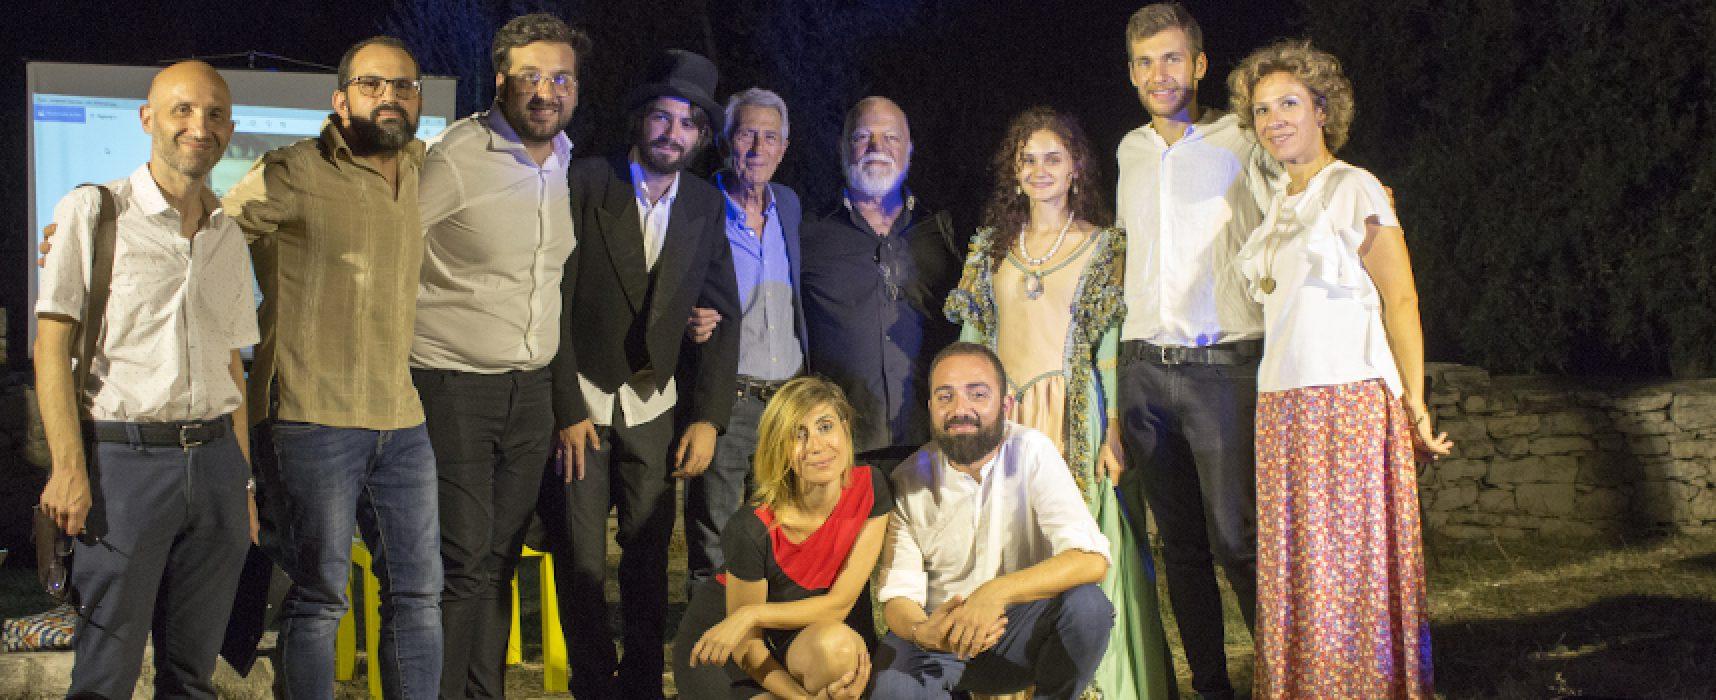 """Pro Loco, """"Notte di Poesia al Dolmen"""" torna ricordando Giacomo Leopardi / FOTO"""